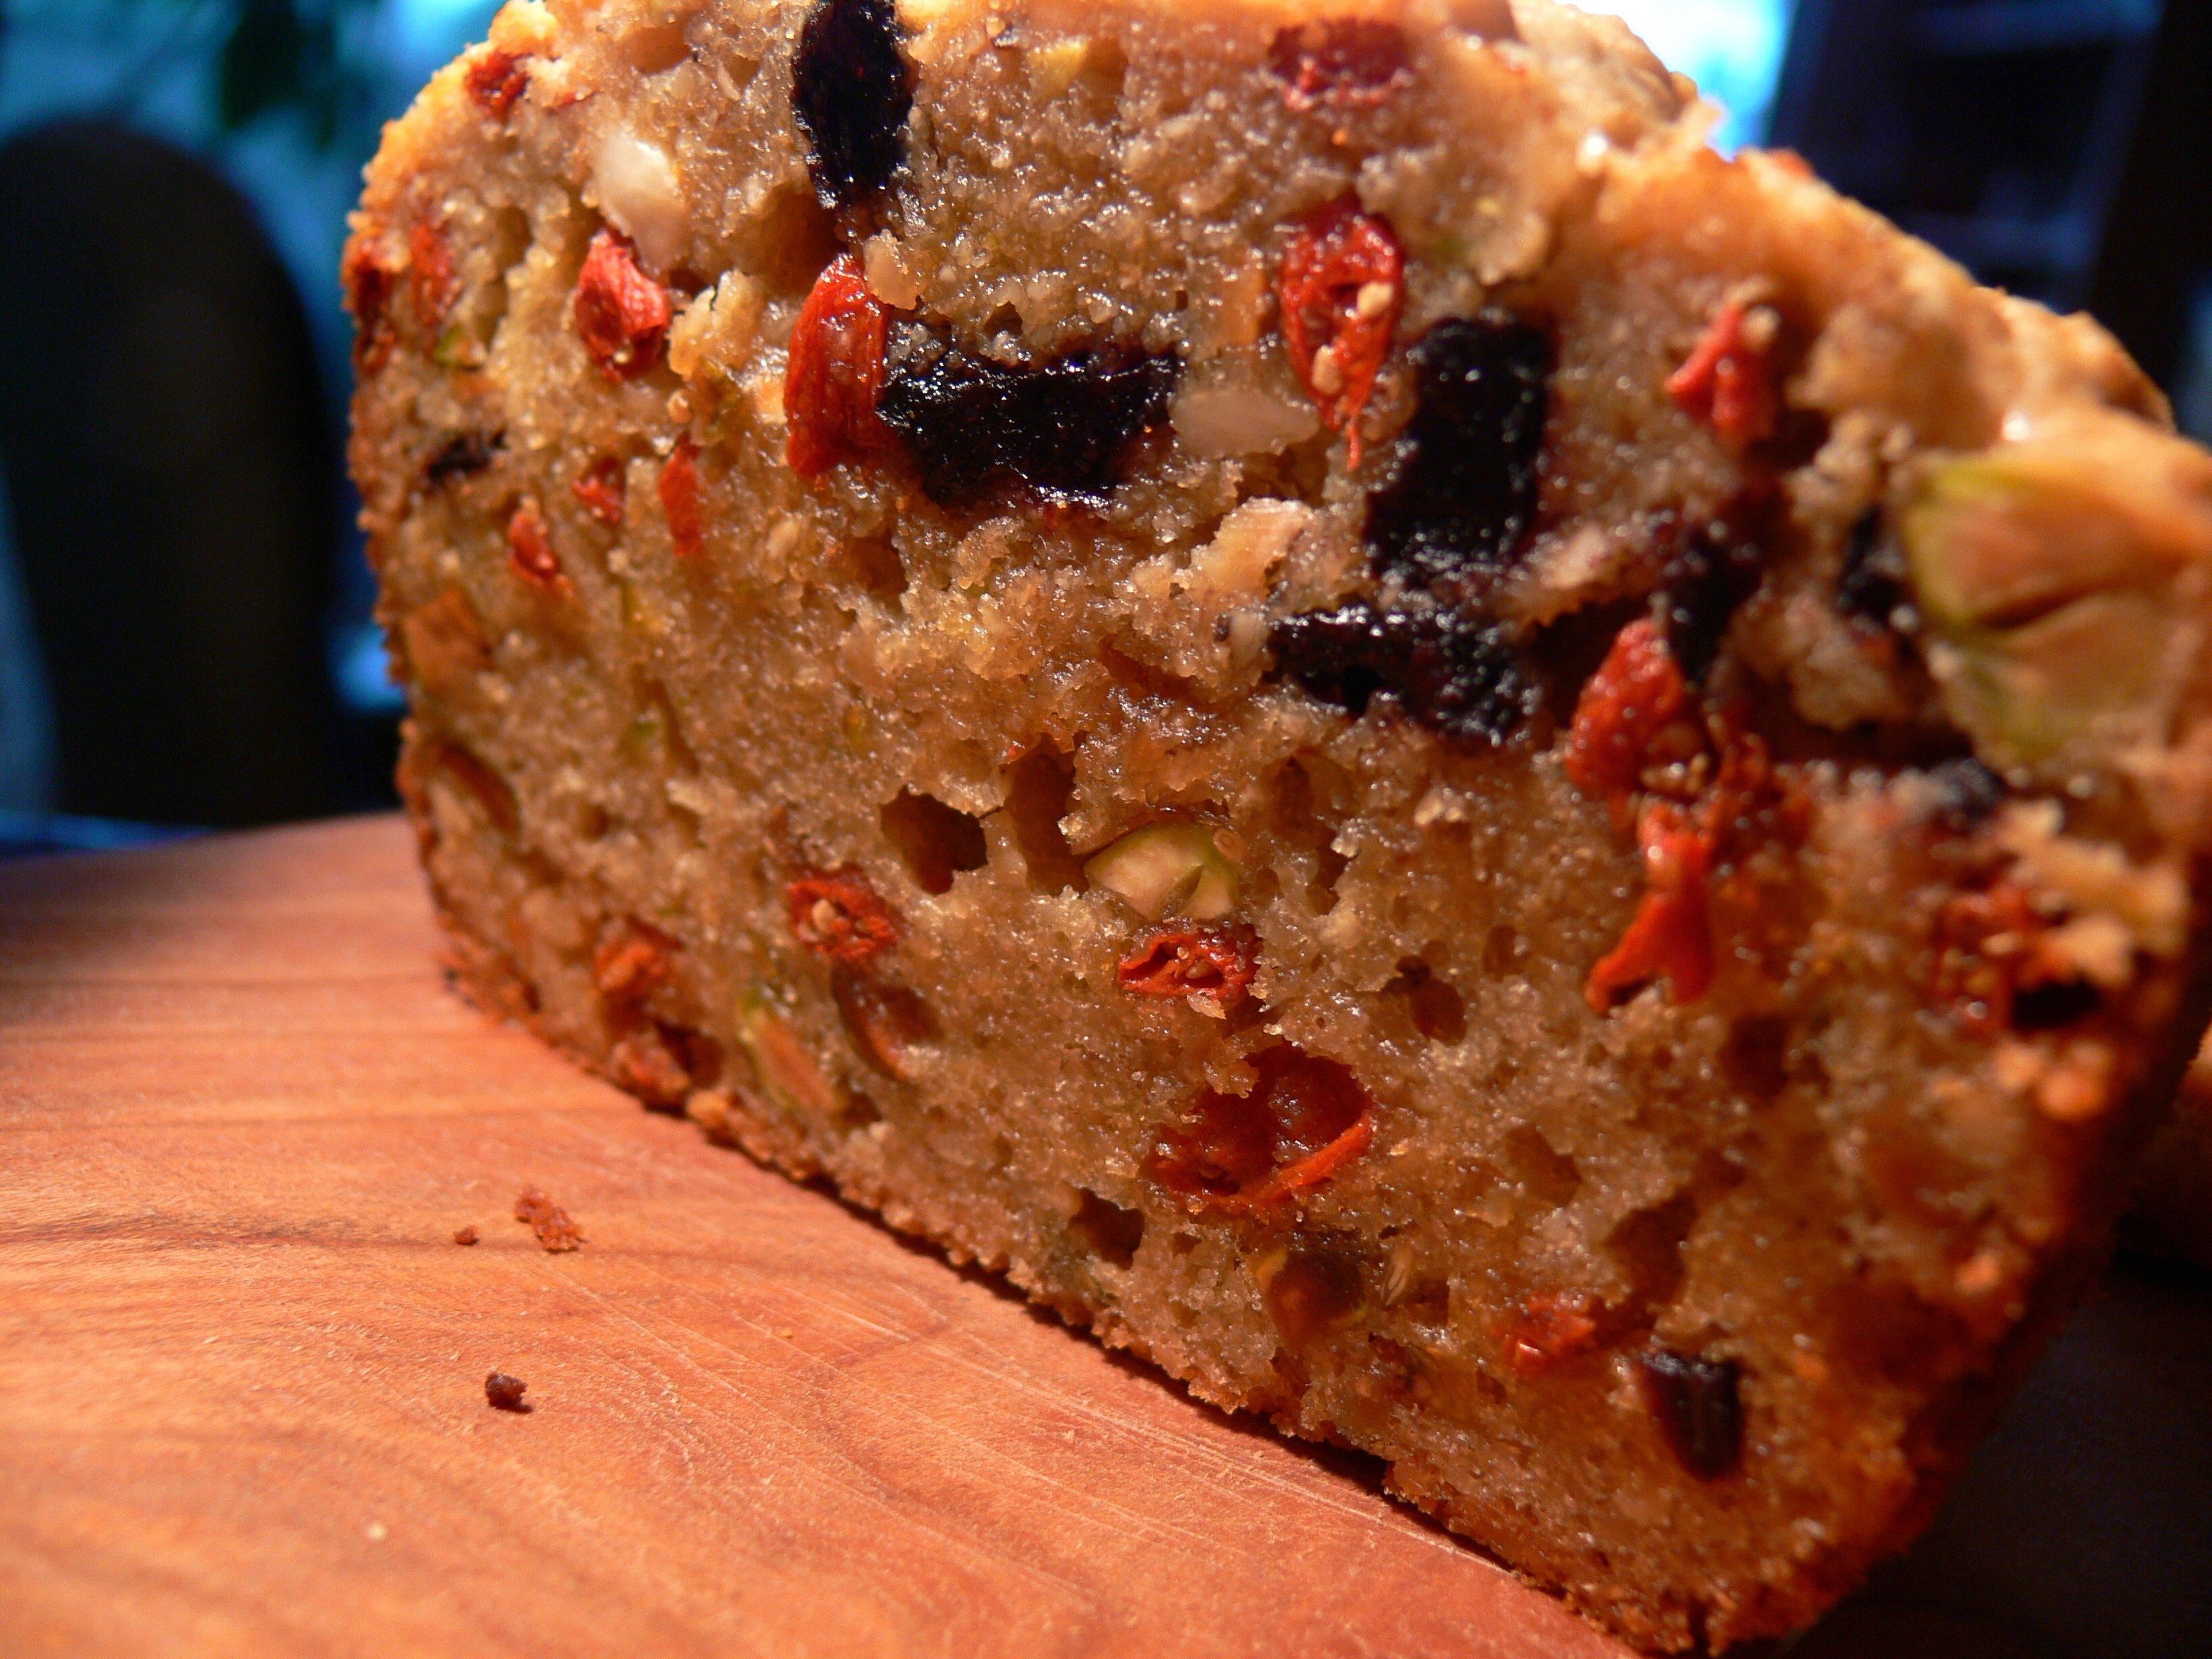 ... bread gluten free lemon poppyseed bread cardamom fruit bread gluten